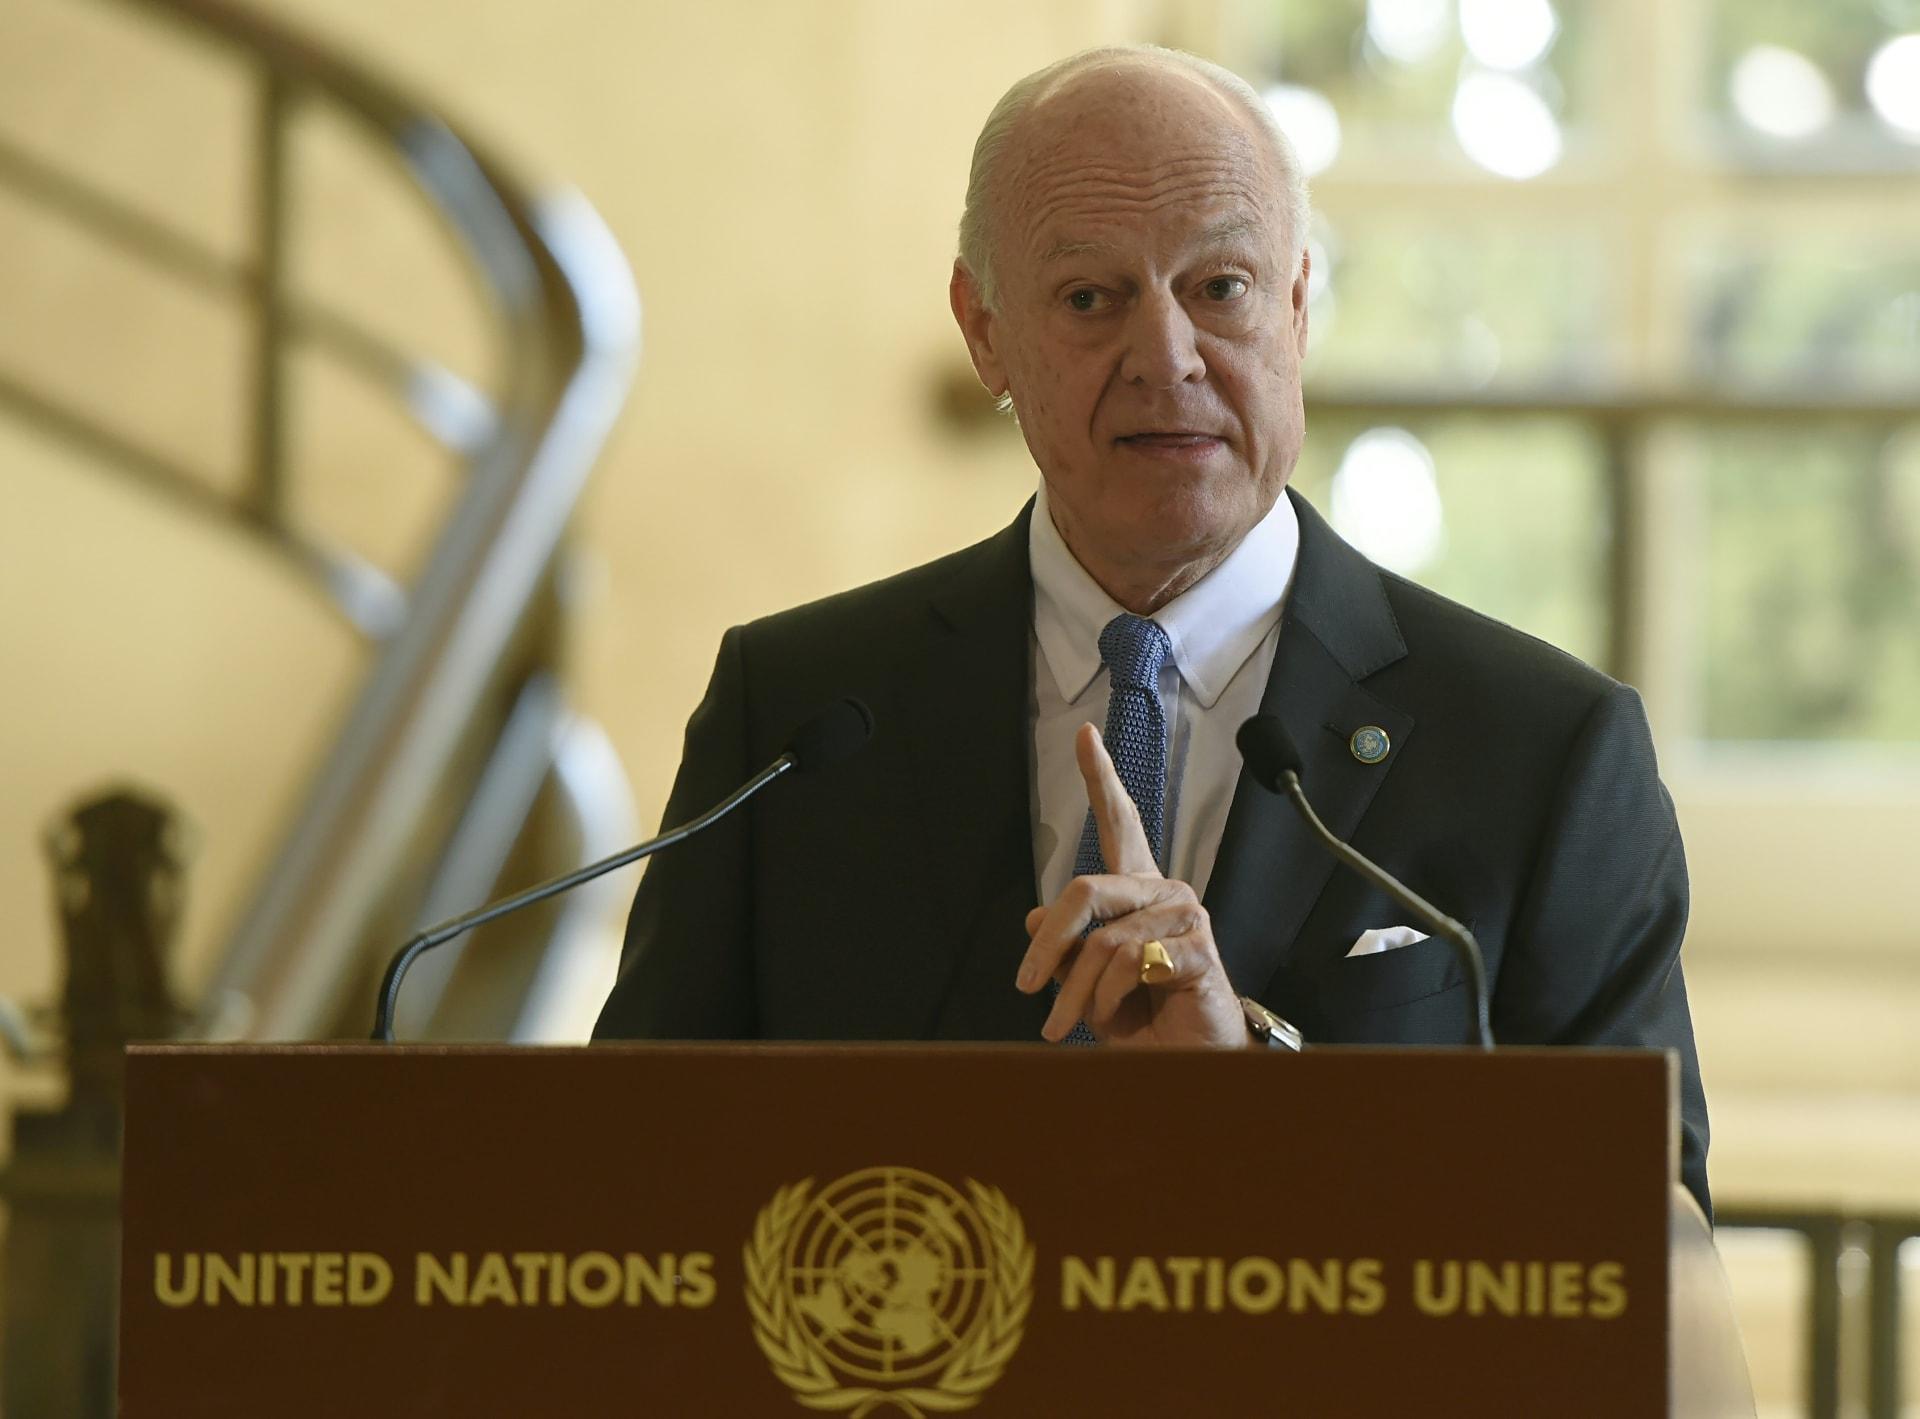 دي ميستورا: سحب القوات الروسية في يوم استئناف المفاوضات تطور هام للتوصل إلى الانتقال السياسي في سوريا